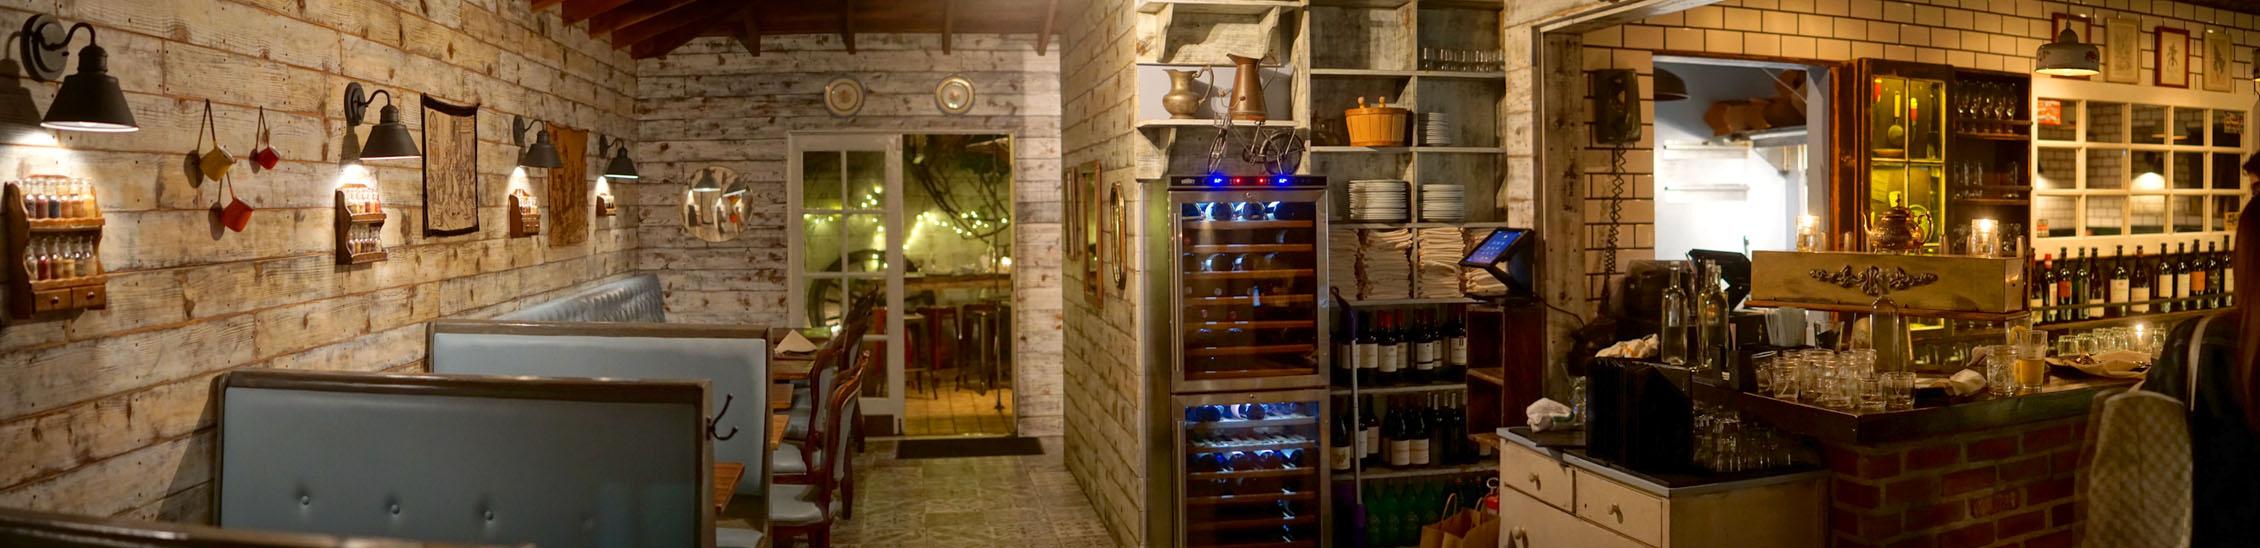 Bowery Bungalow Interior